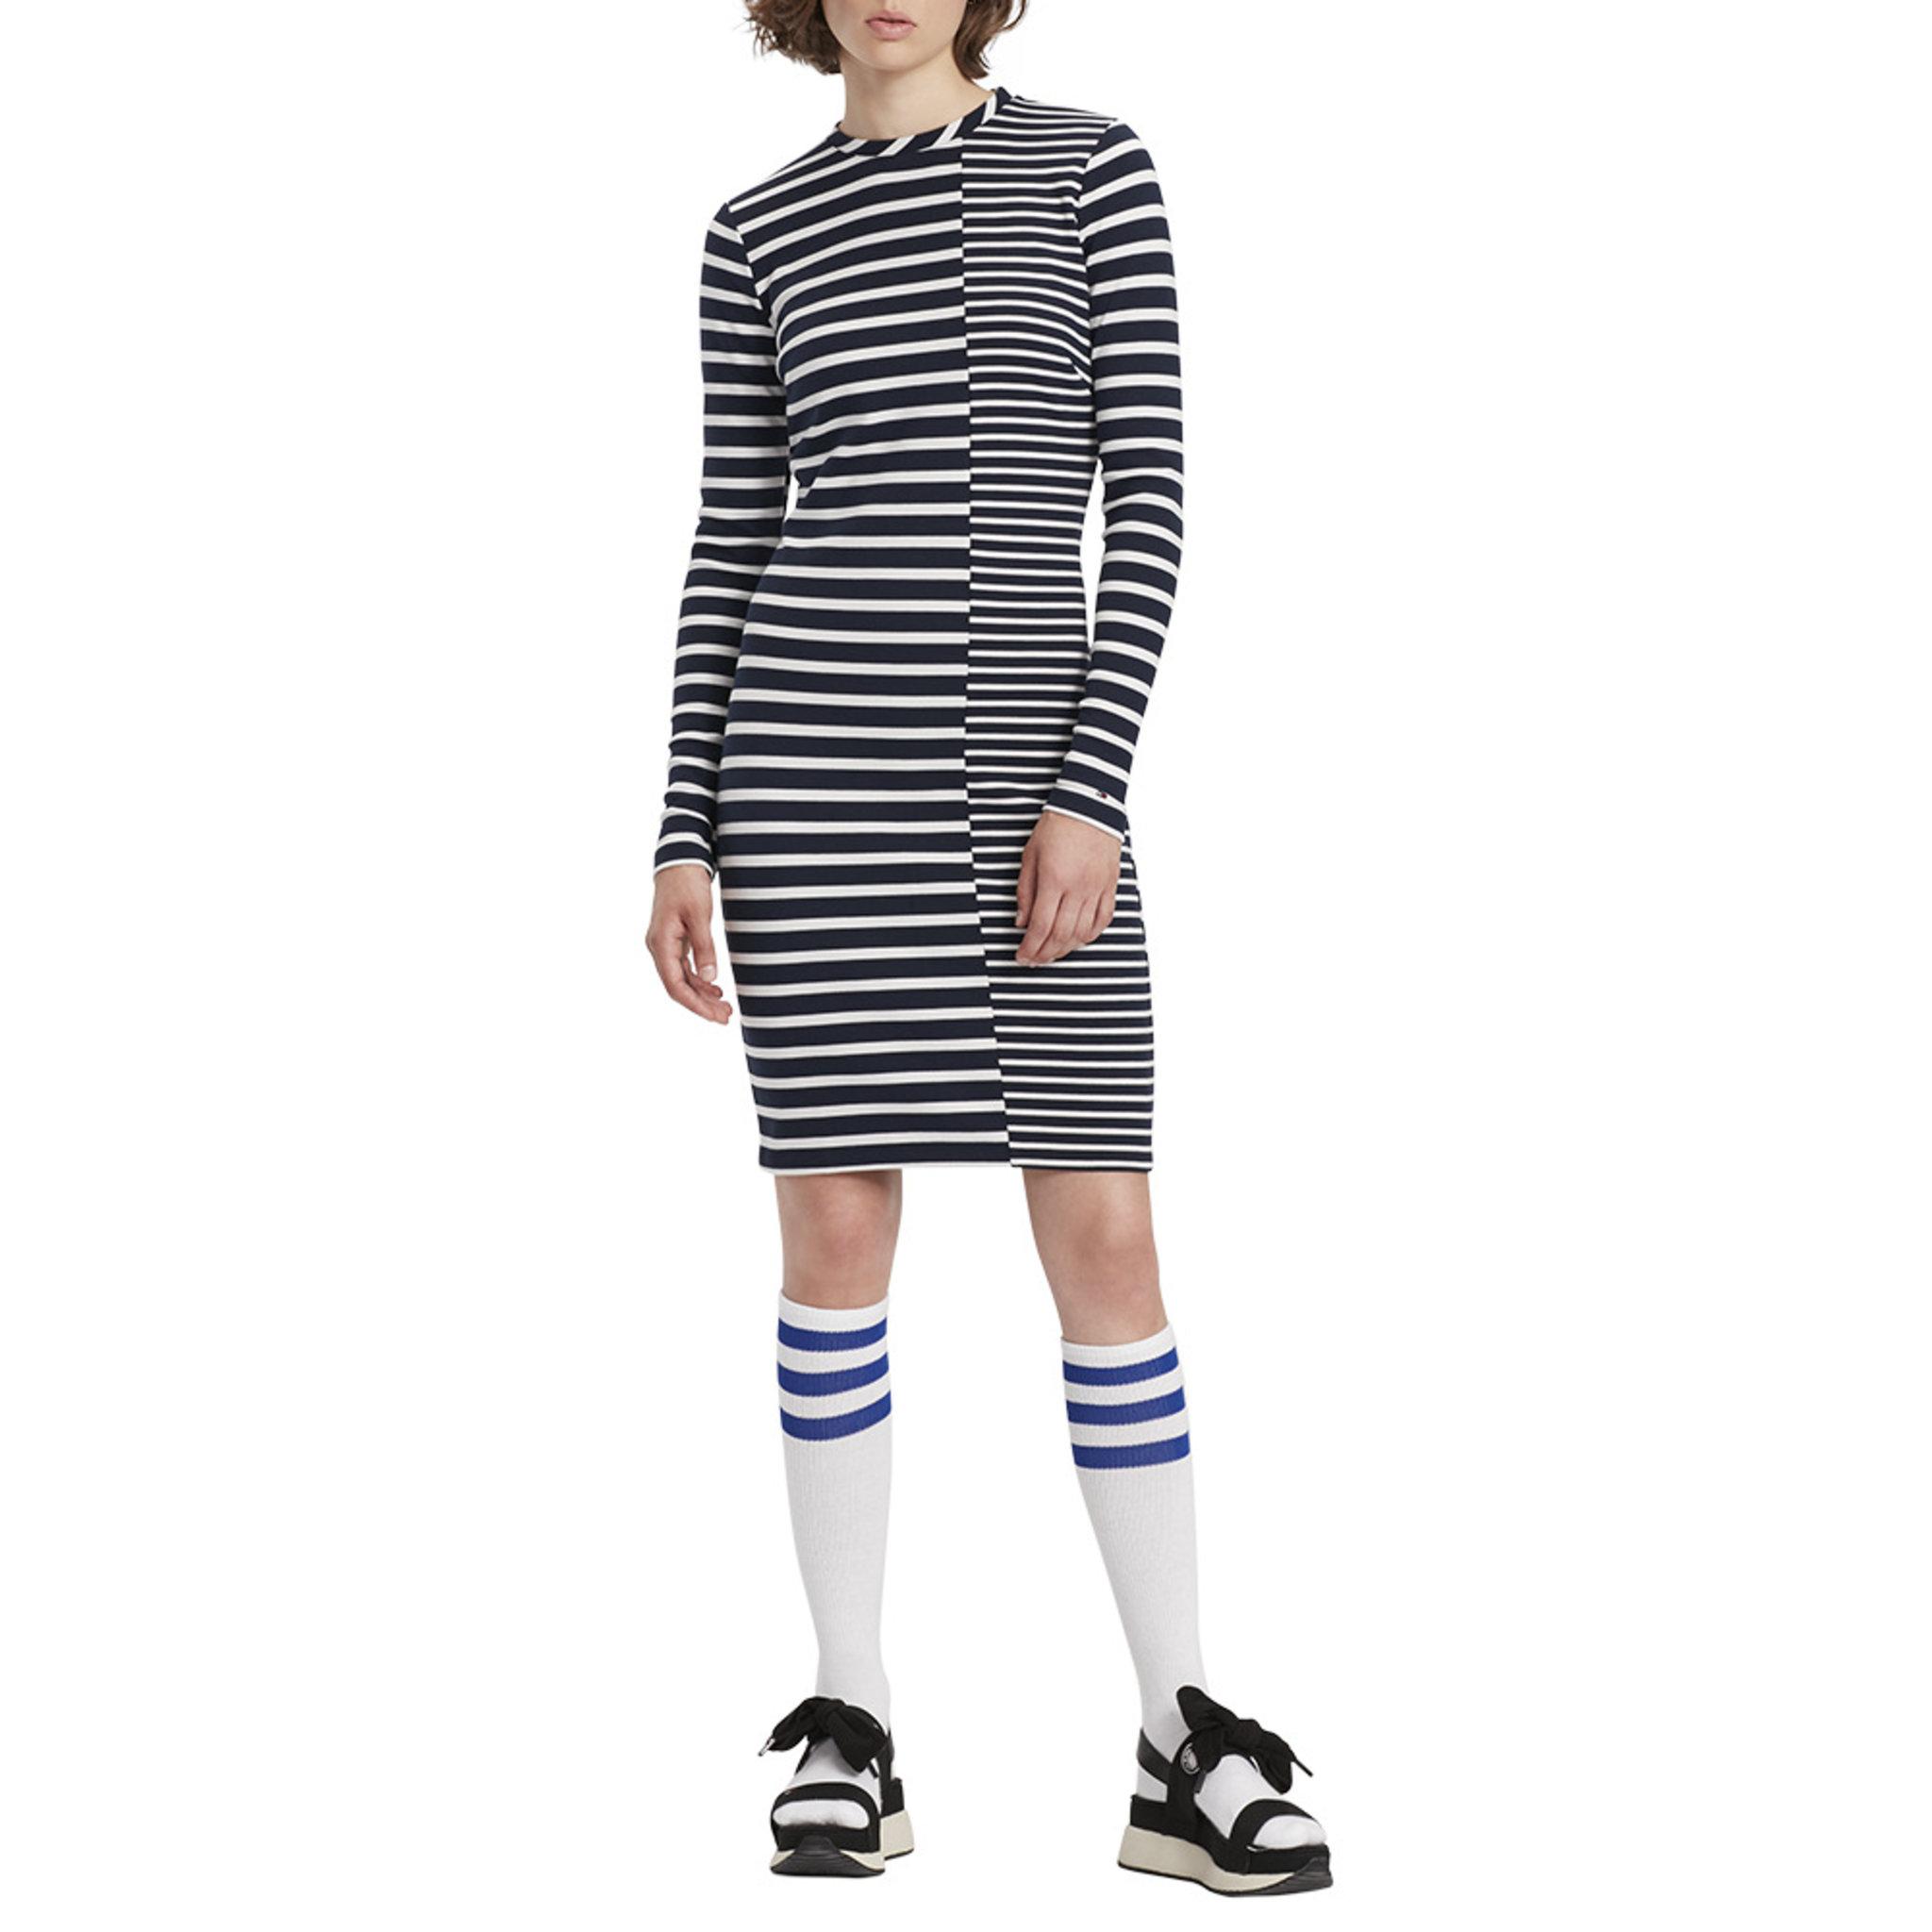 Stripe Mix Bodycon Dress - Klänningar - Köp online på åhlens.se! f34710d6d6c69